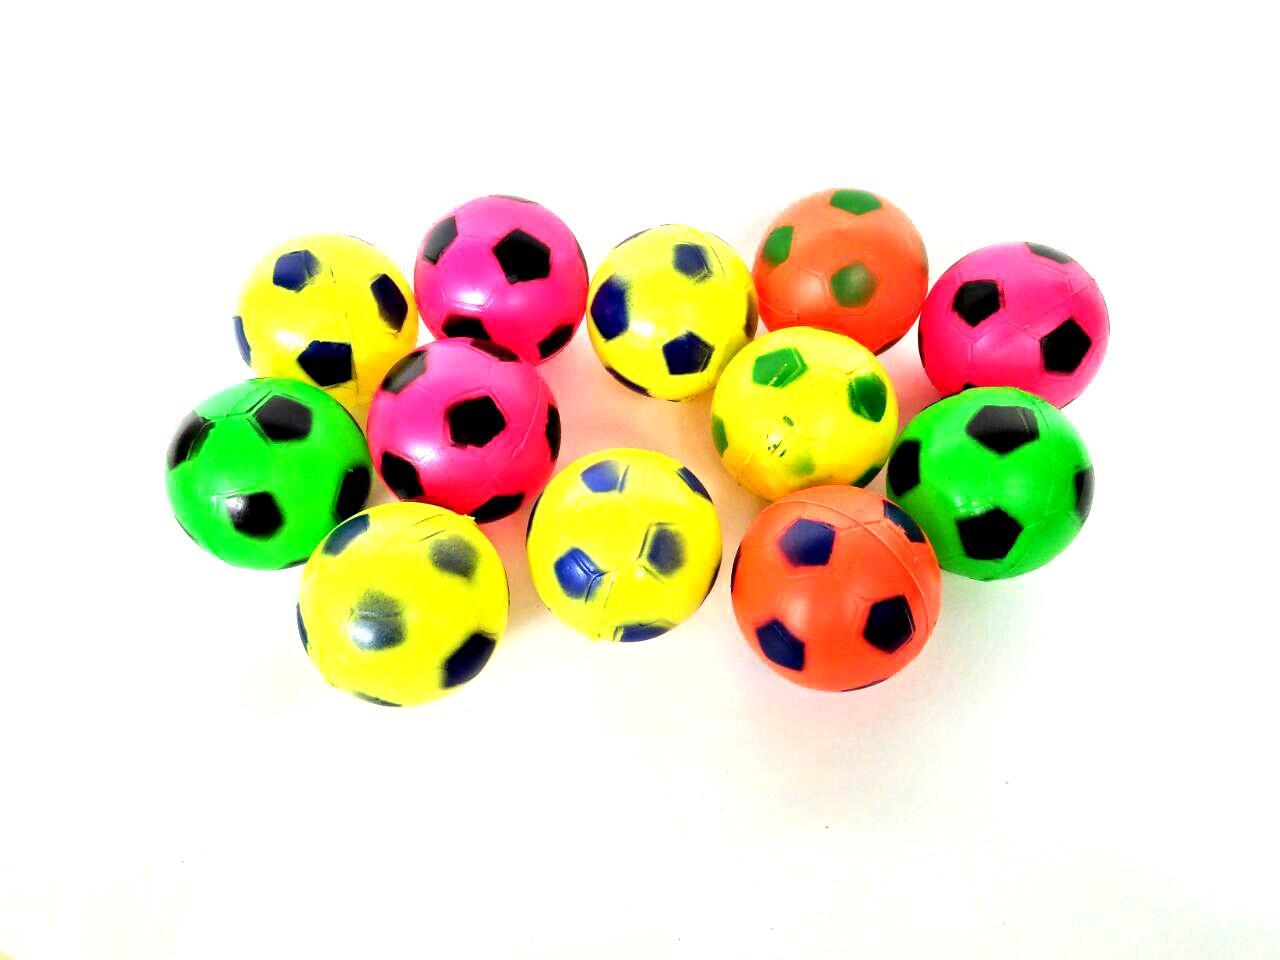 Cek Harga Baru Isi 12 Pcs Mainan Bola Plastik Warna Warni Terkini Mandi 100pcs 5